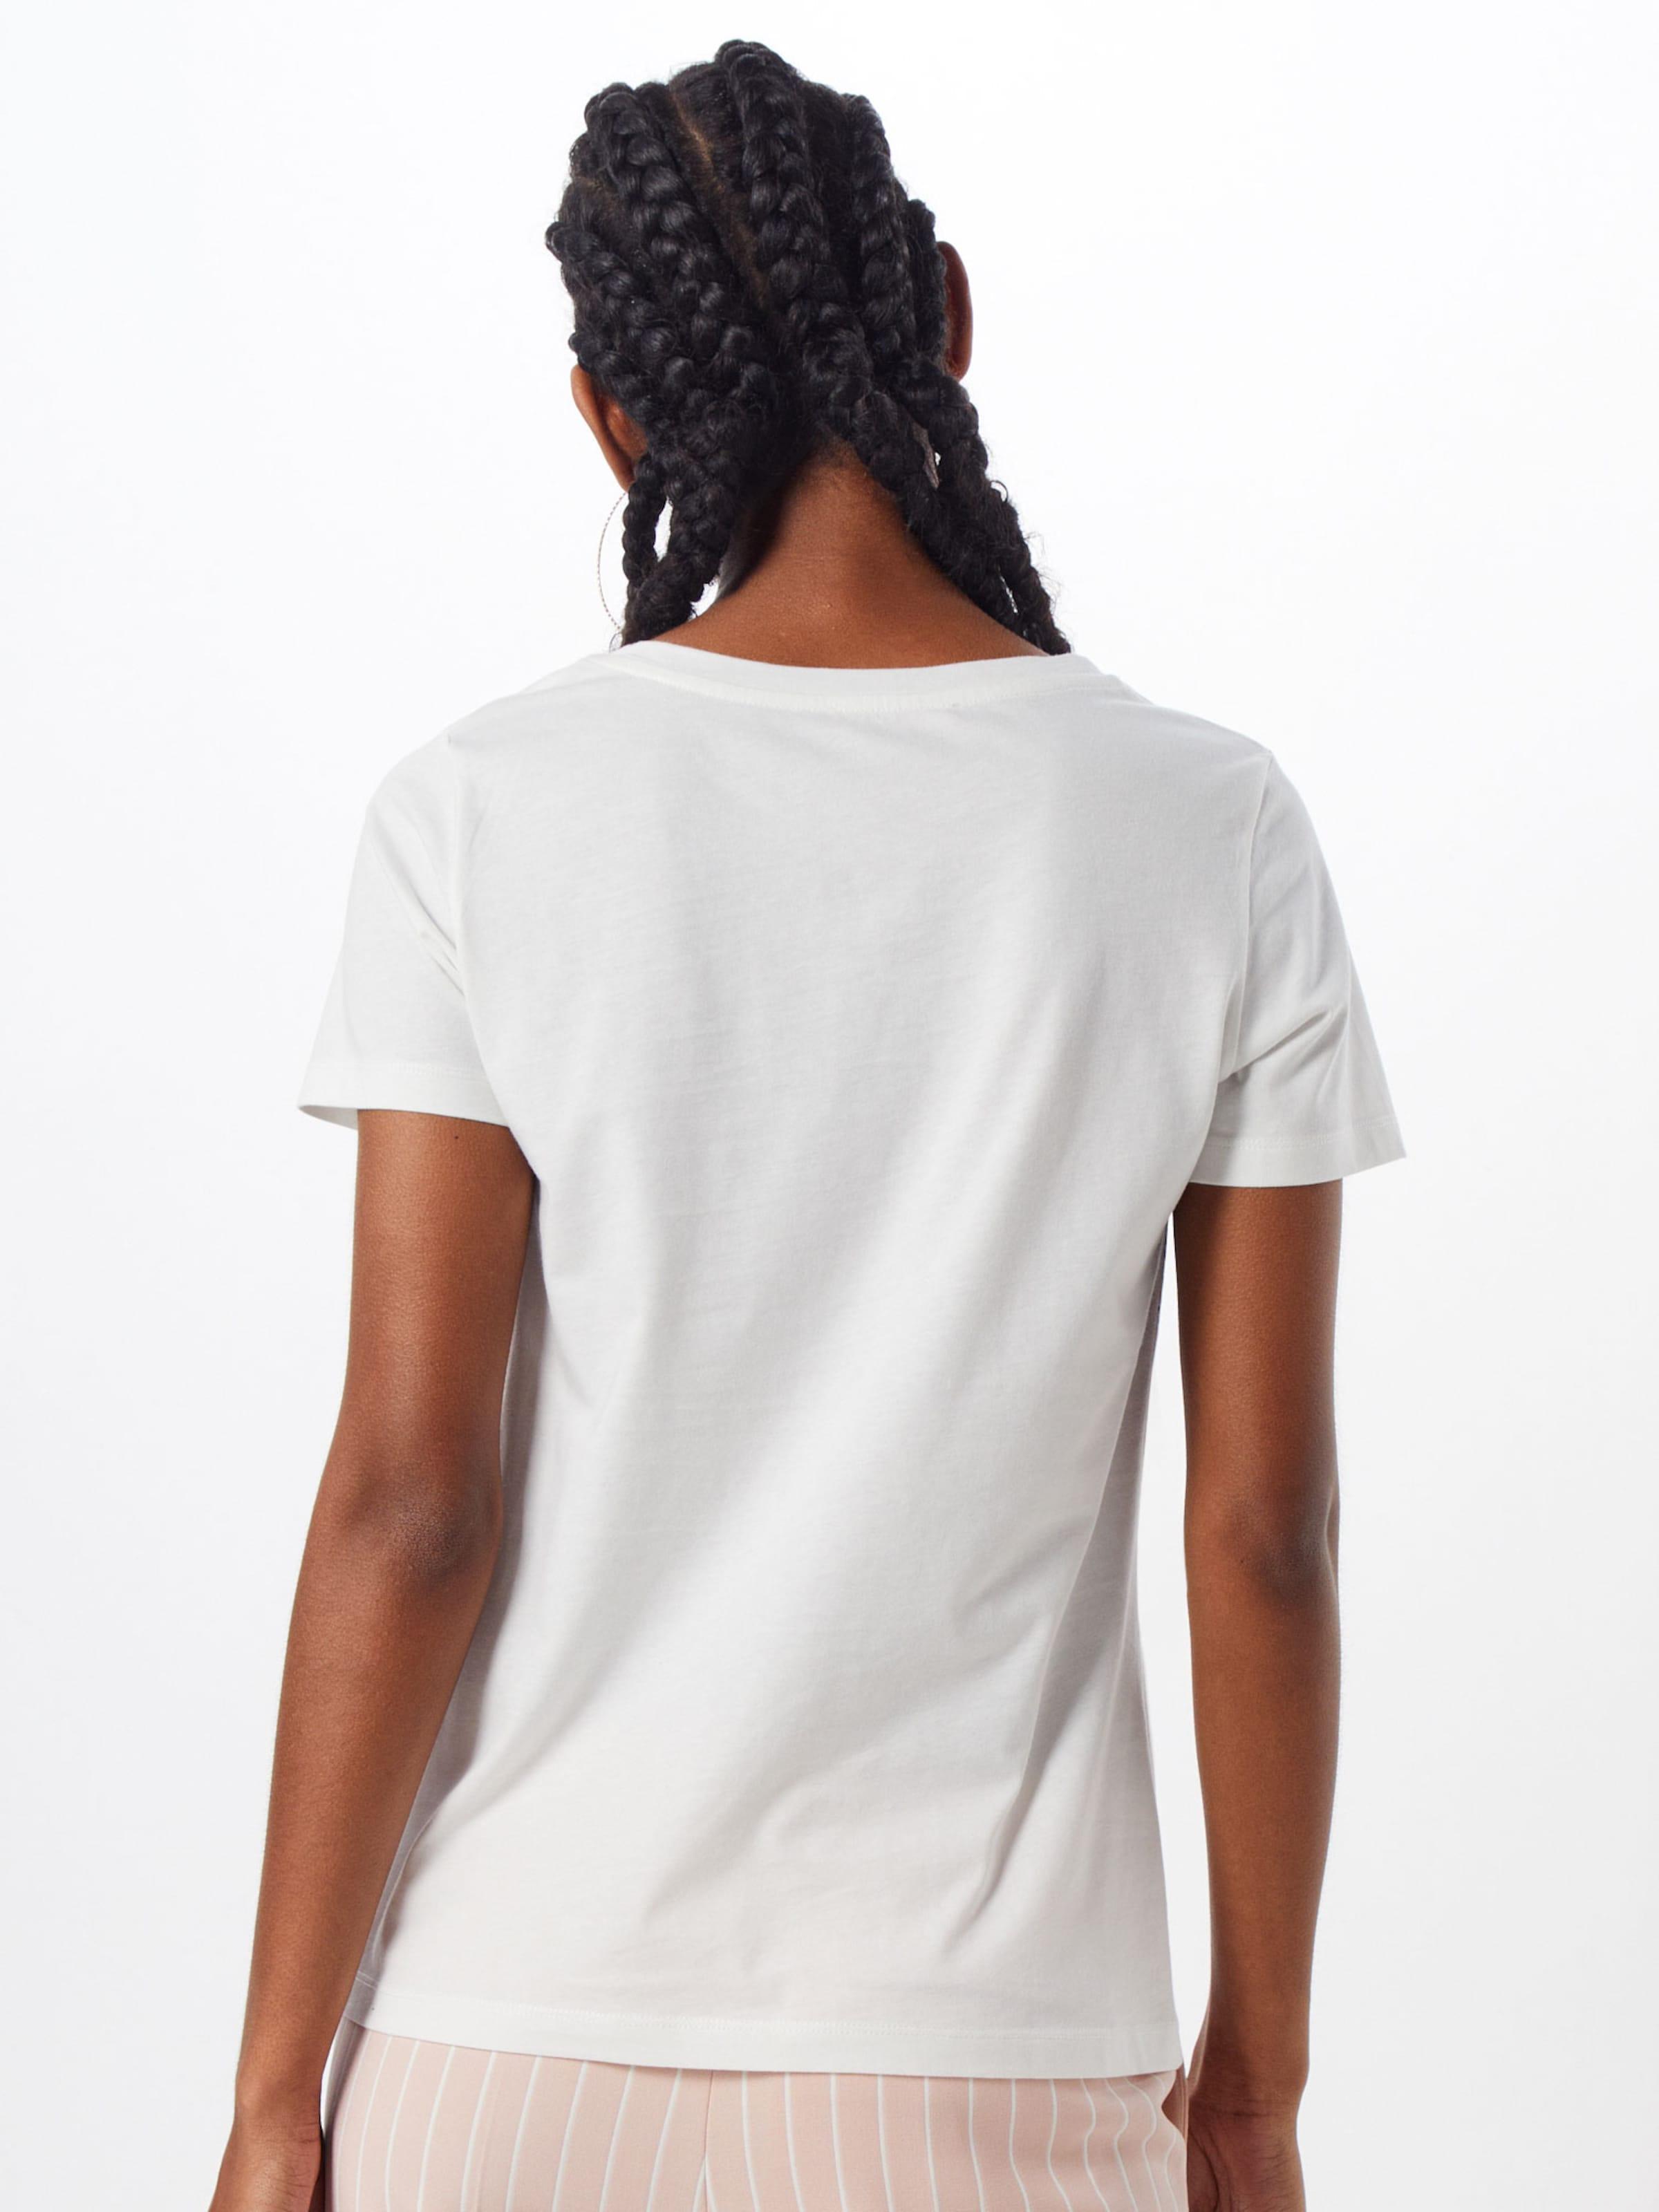 En De shirt CouleursBlanc T Cassé S Label Mélange Red oliver 4ALqcj35R